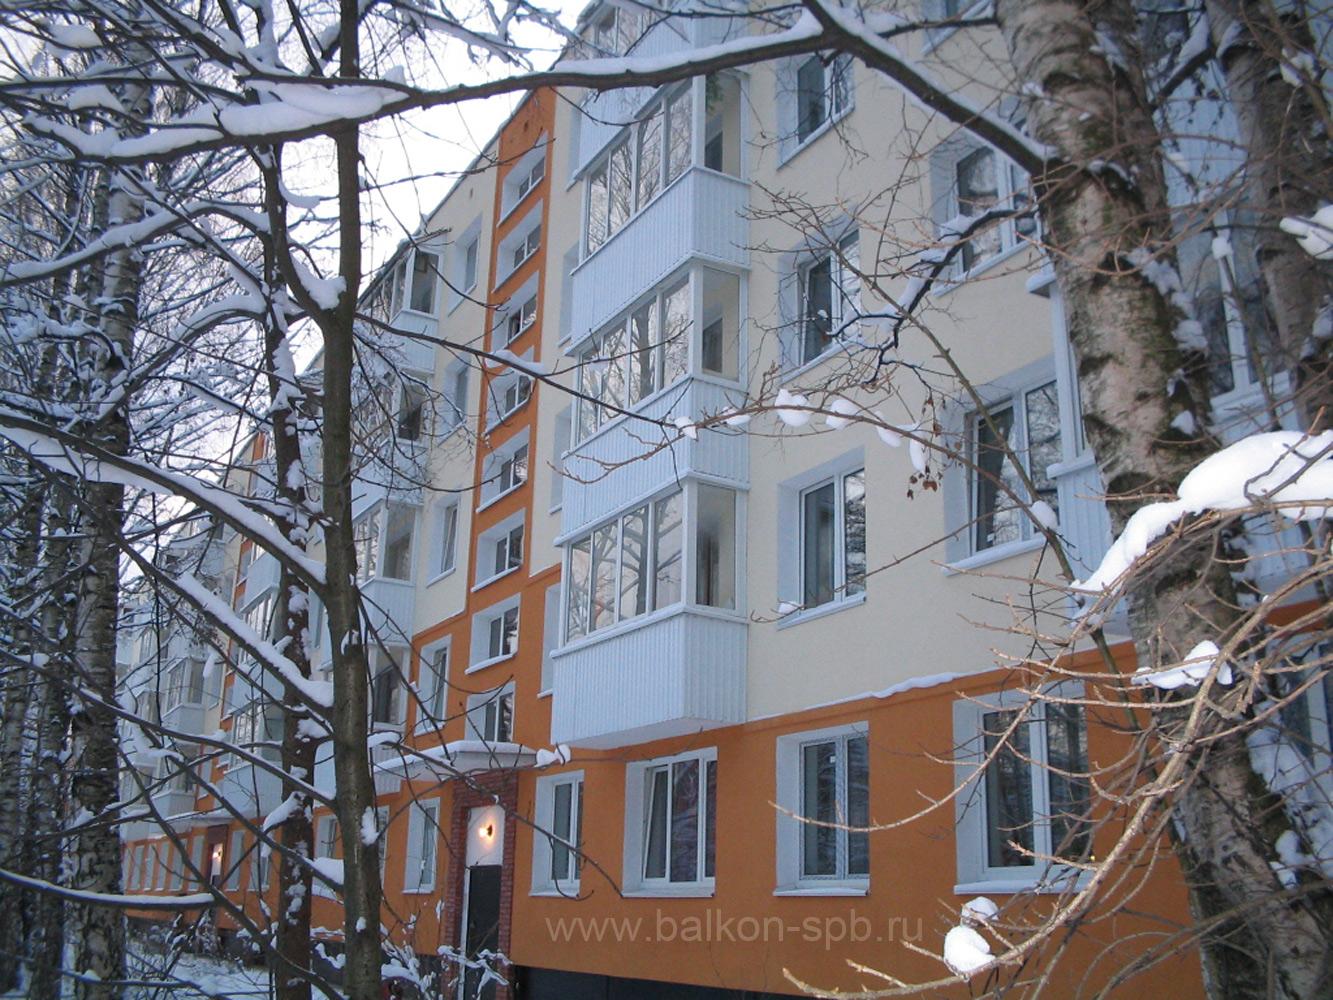 Раздвижные окна на балкон- сравнительные характеристики разд.